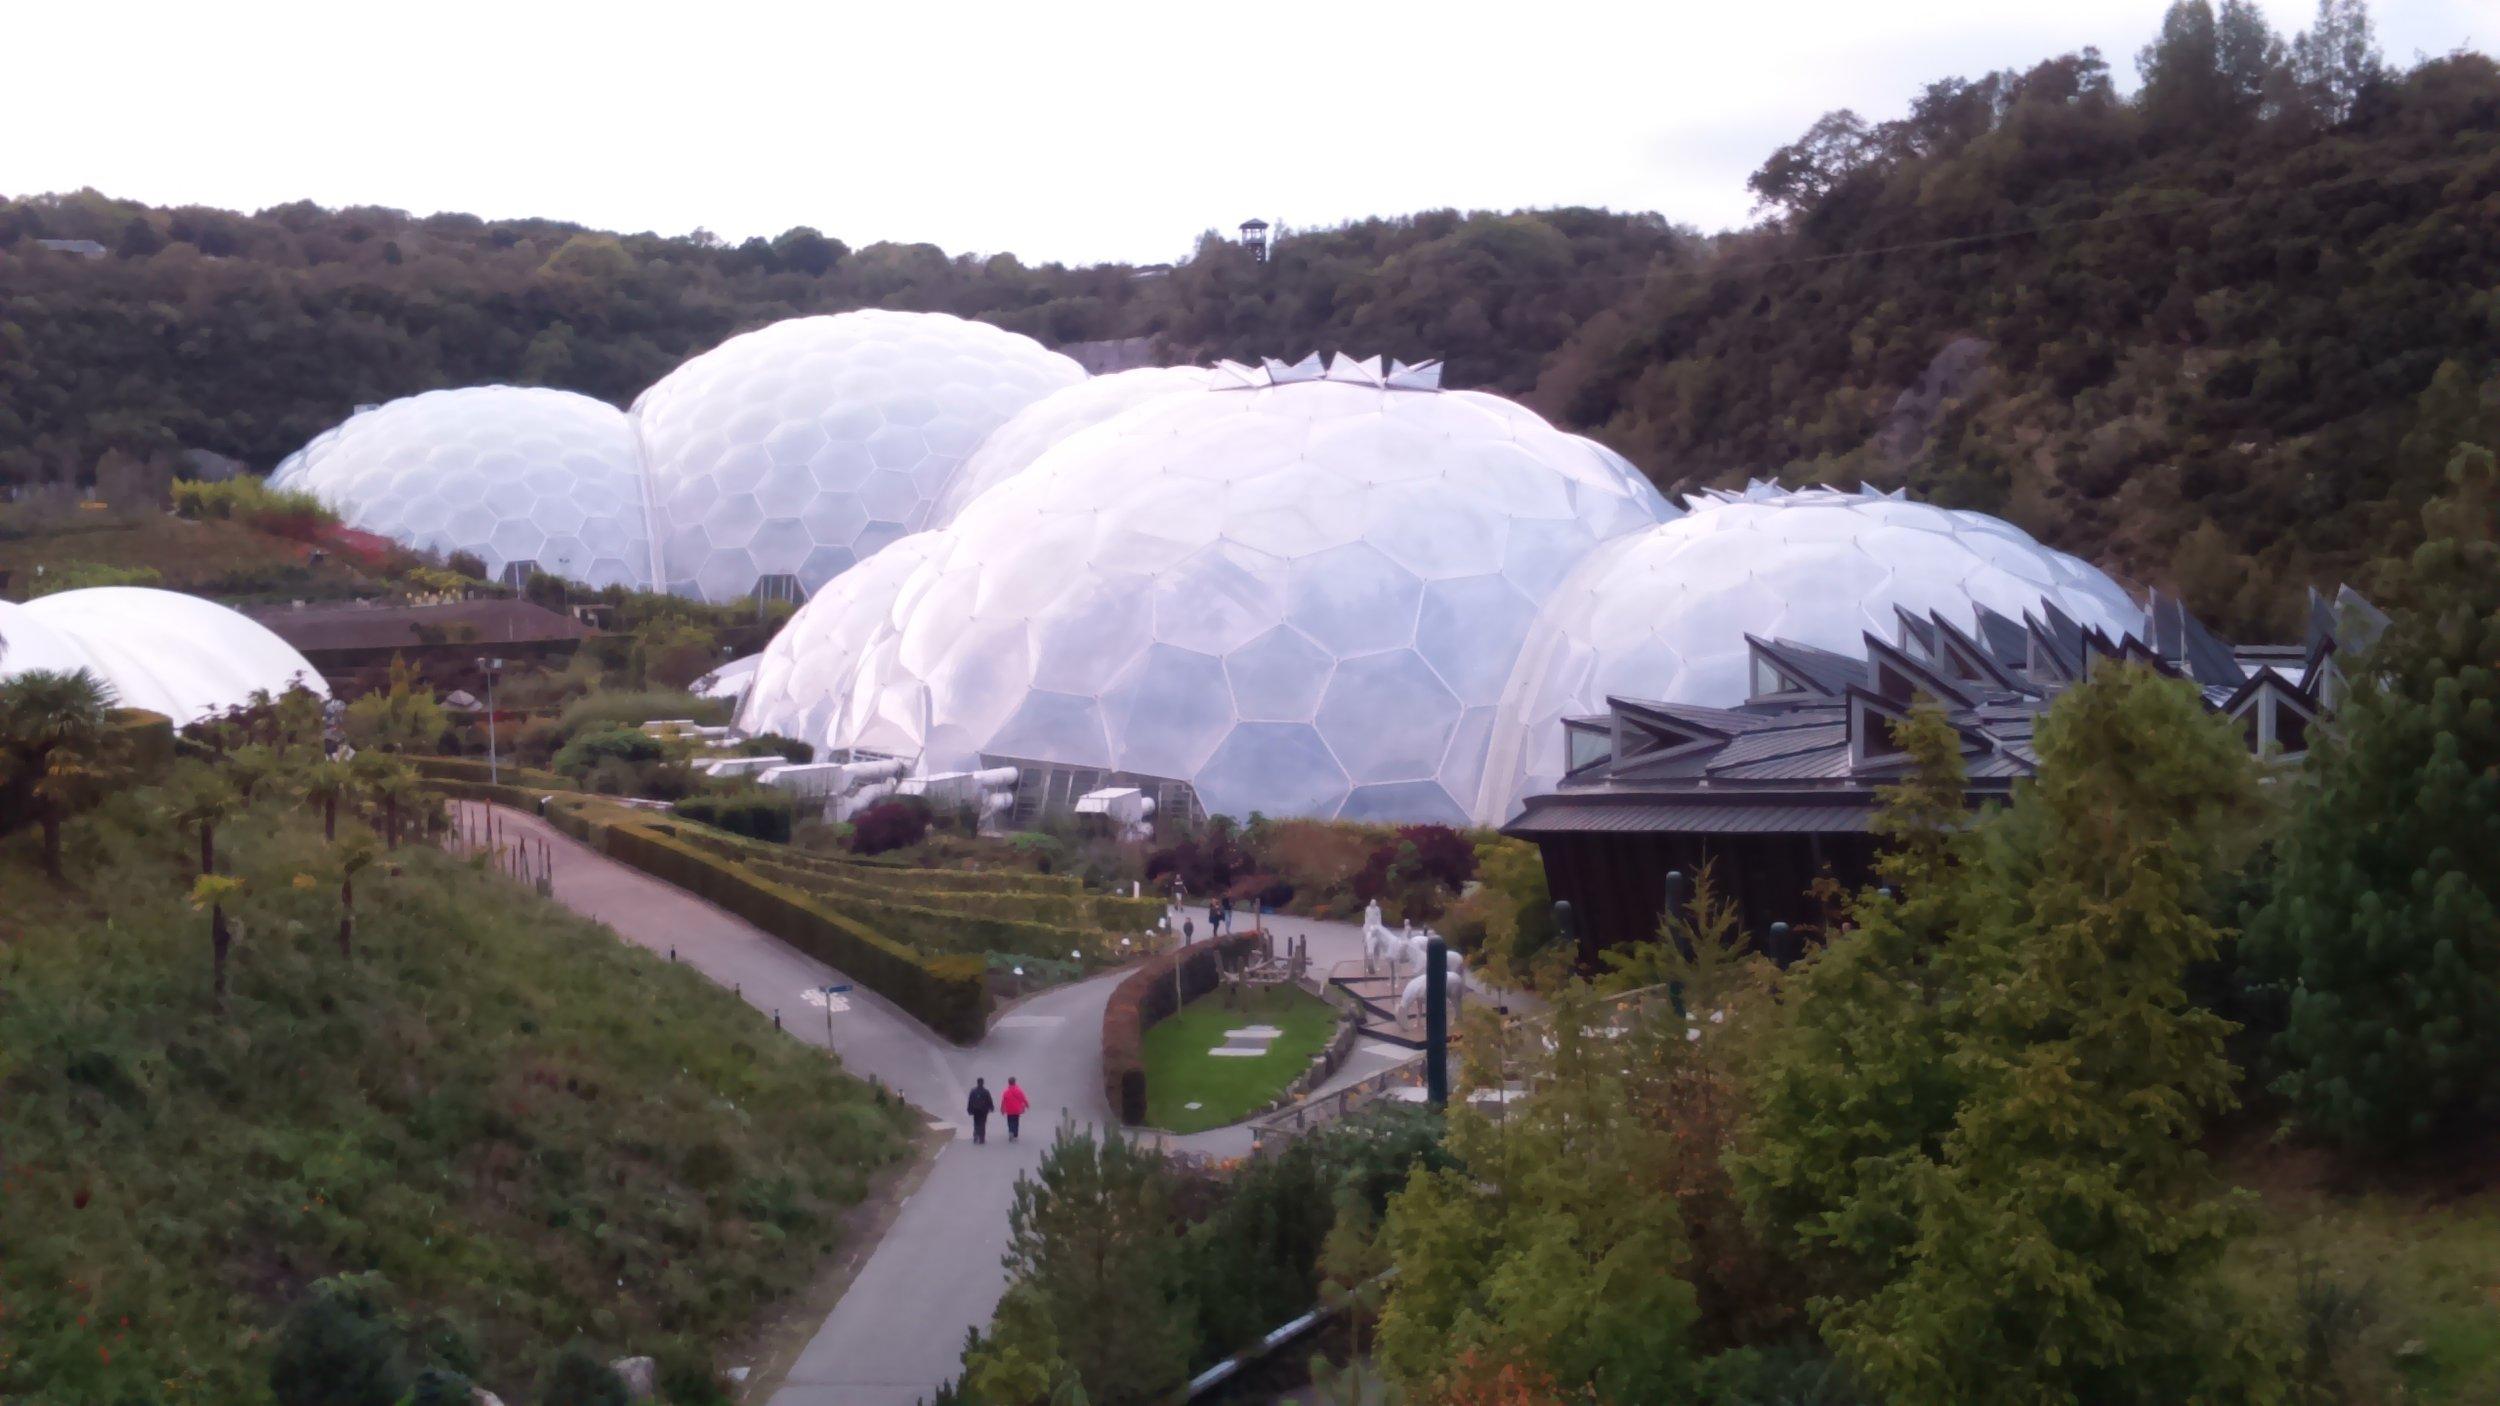 The Bio Spheres